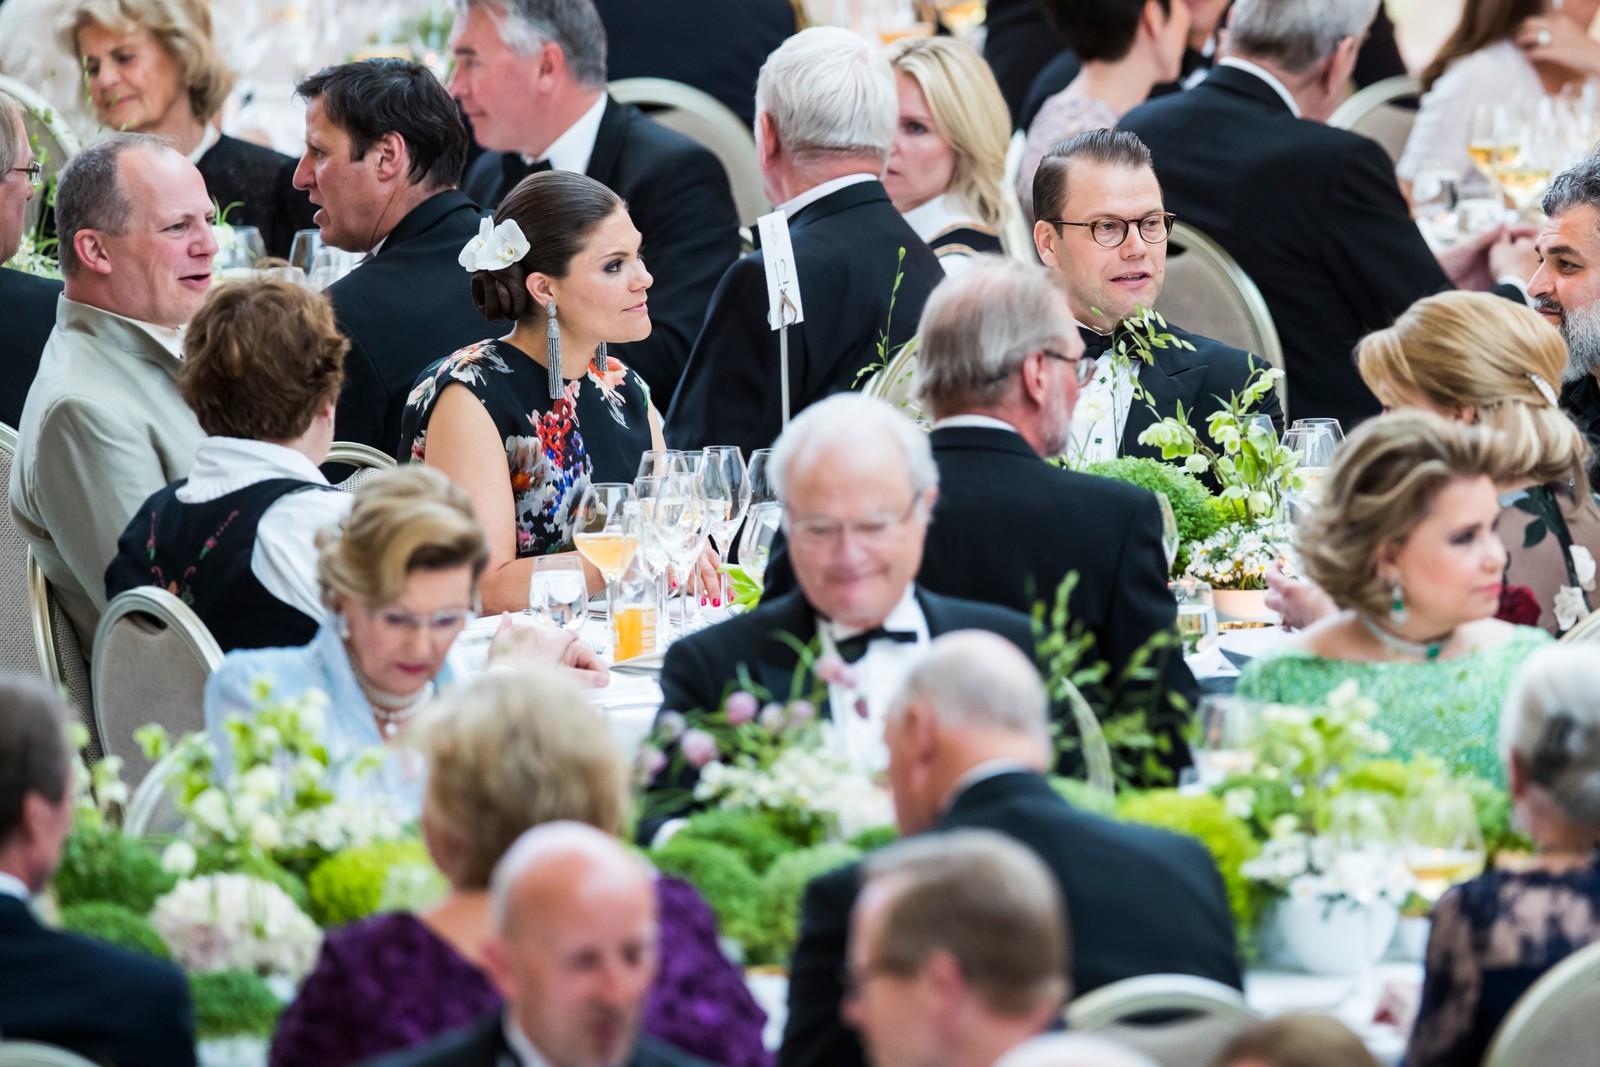 Samferdselsminister Ketil Solvik-Olsen (tv), kronprinsesse Victoria av Sverige og prins Daniel under regjeringens festmiddag for kongeparet i Operaen i anledning deres 80-årsfeiring. P